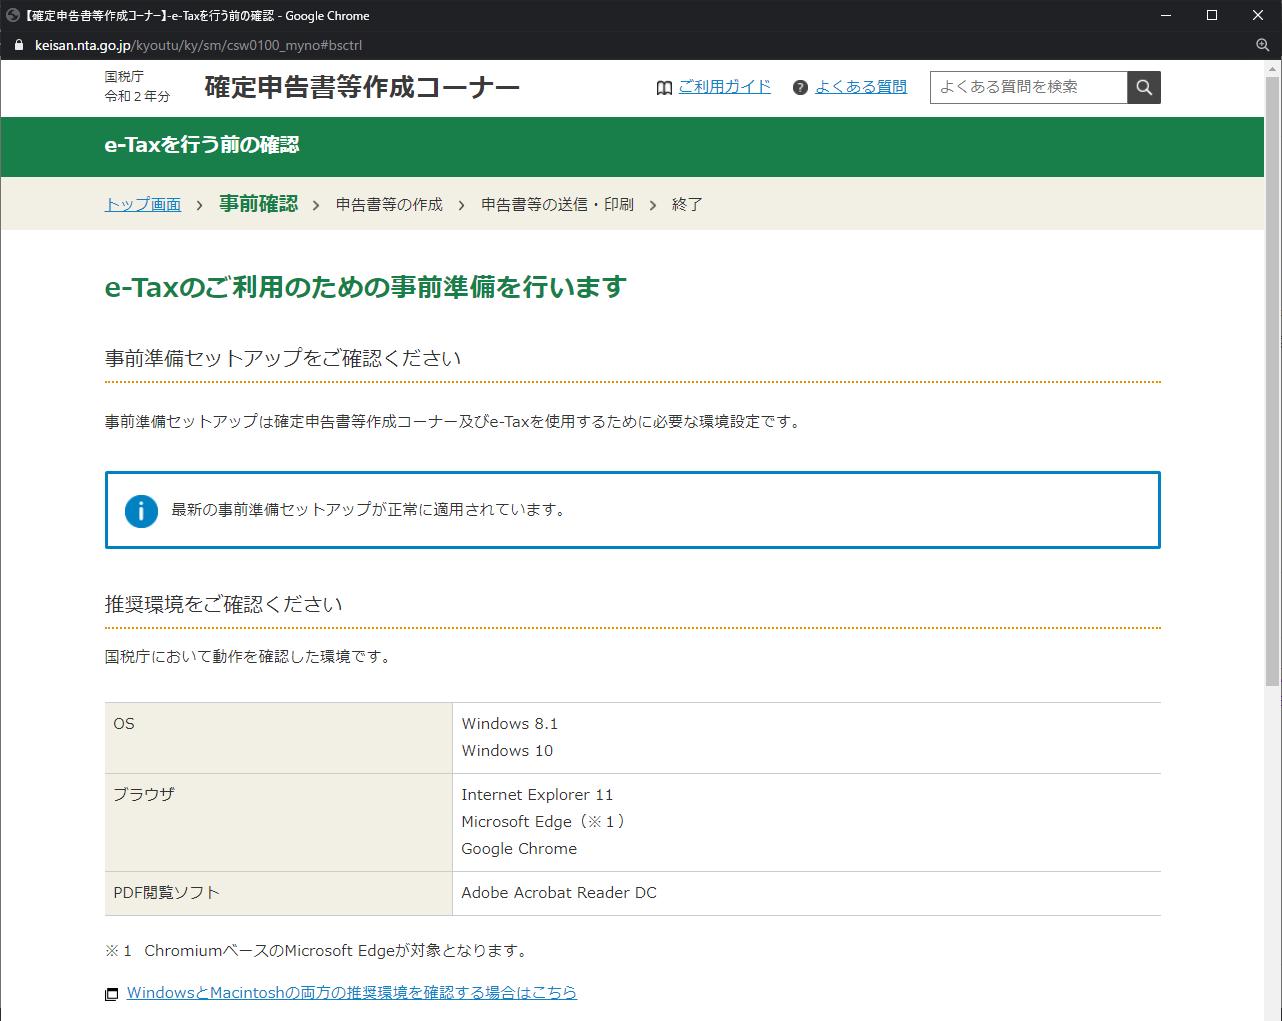 国税庁の確定申告サイトでの操作手順